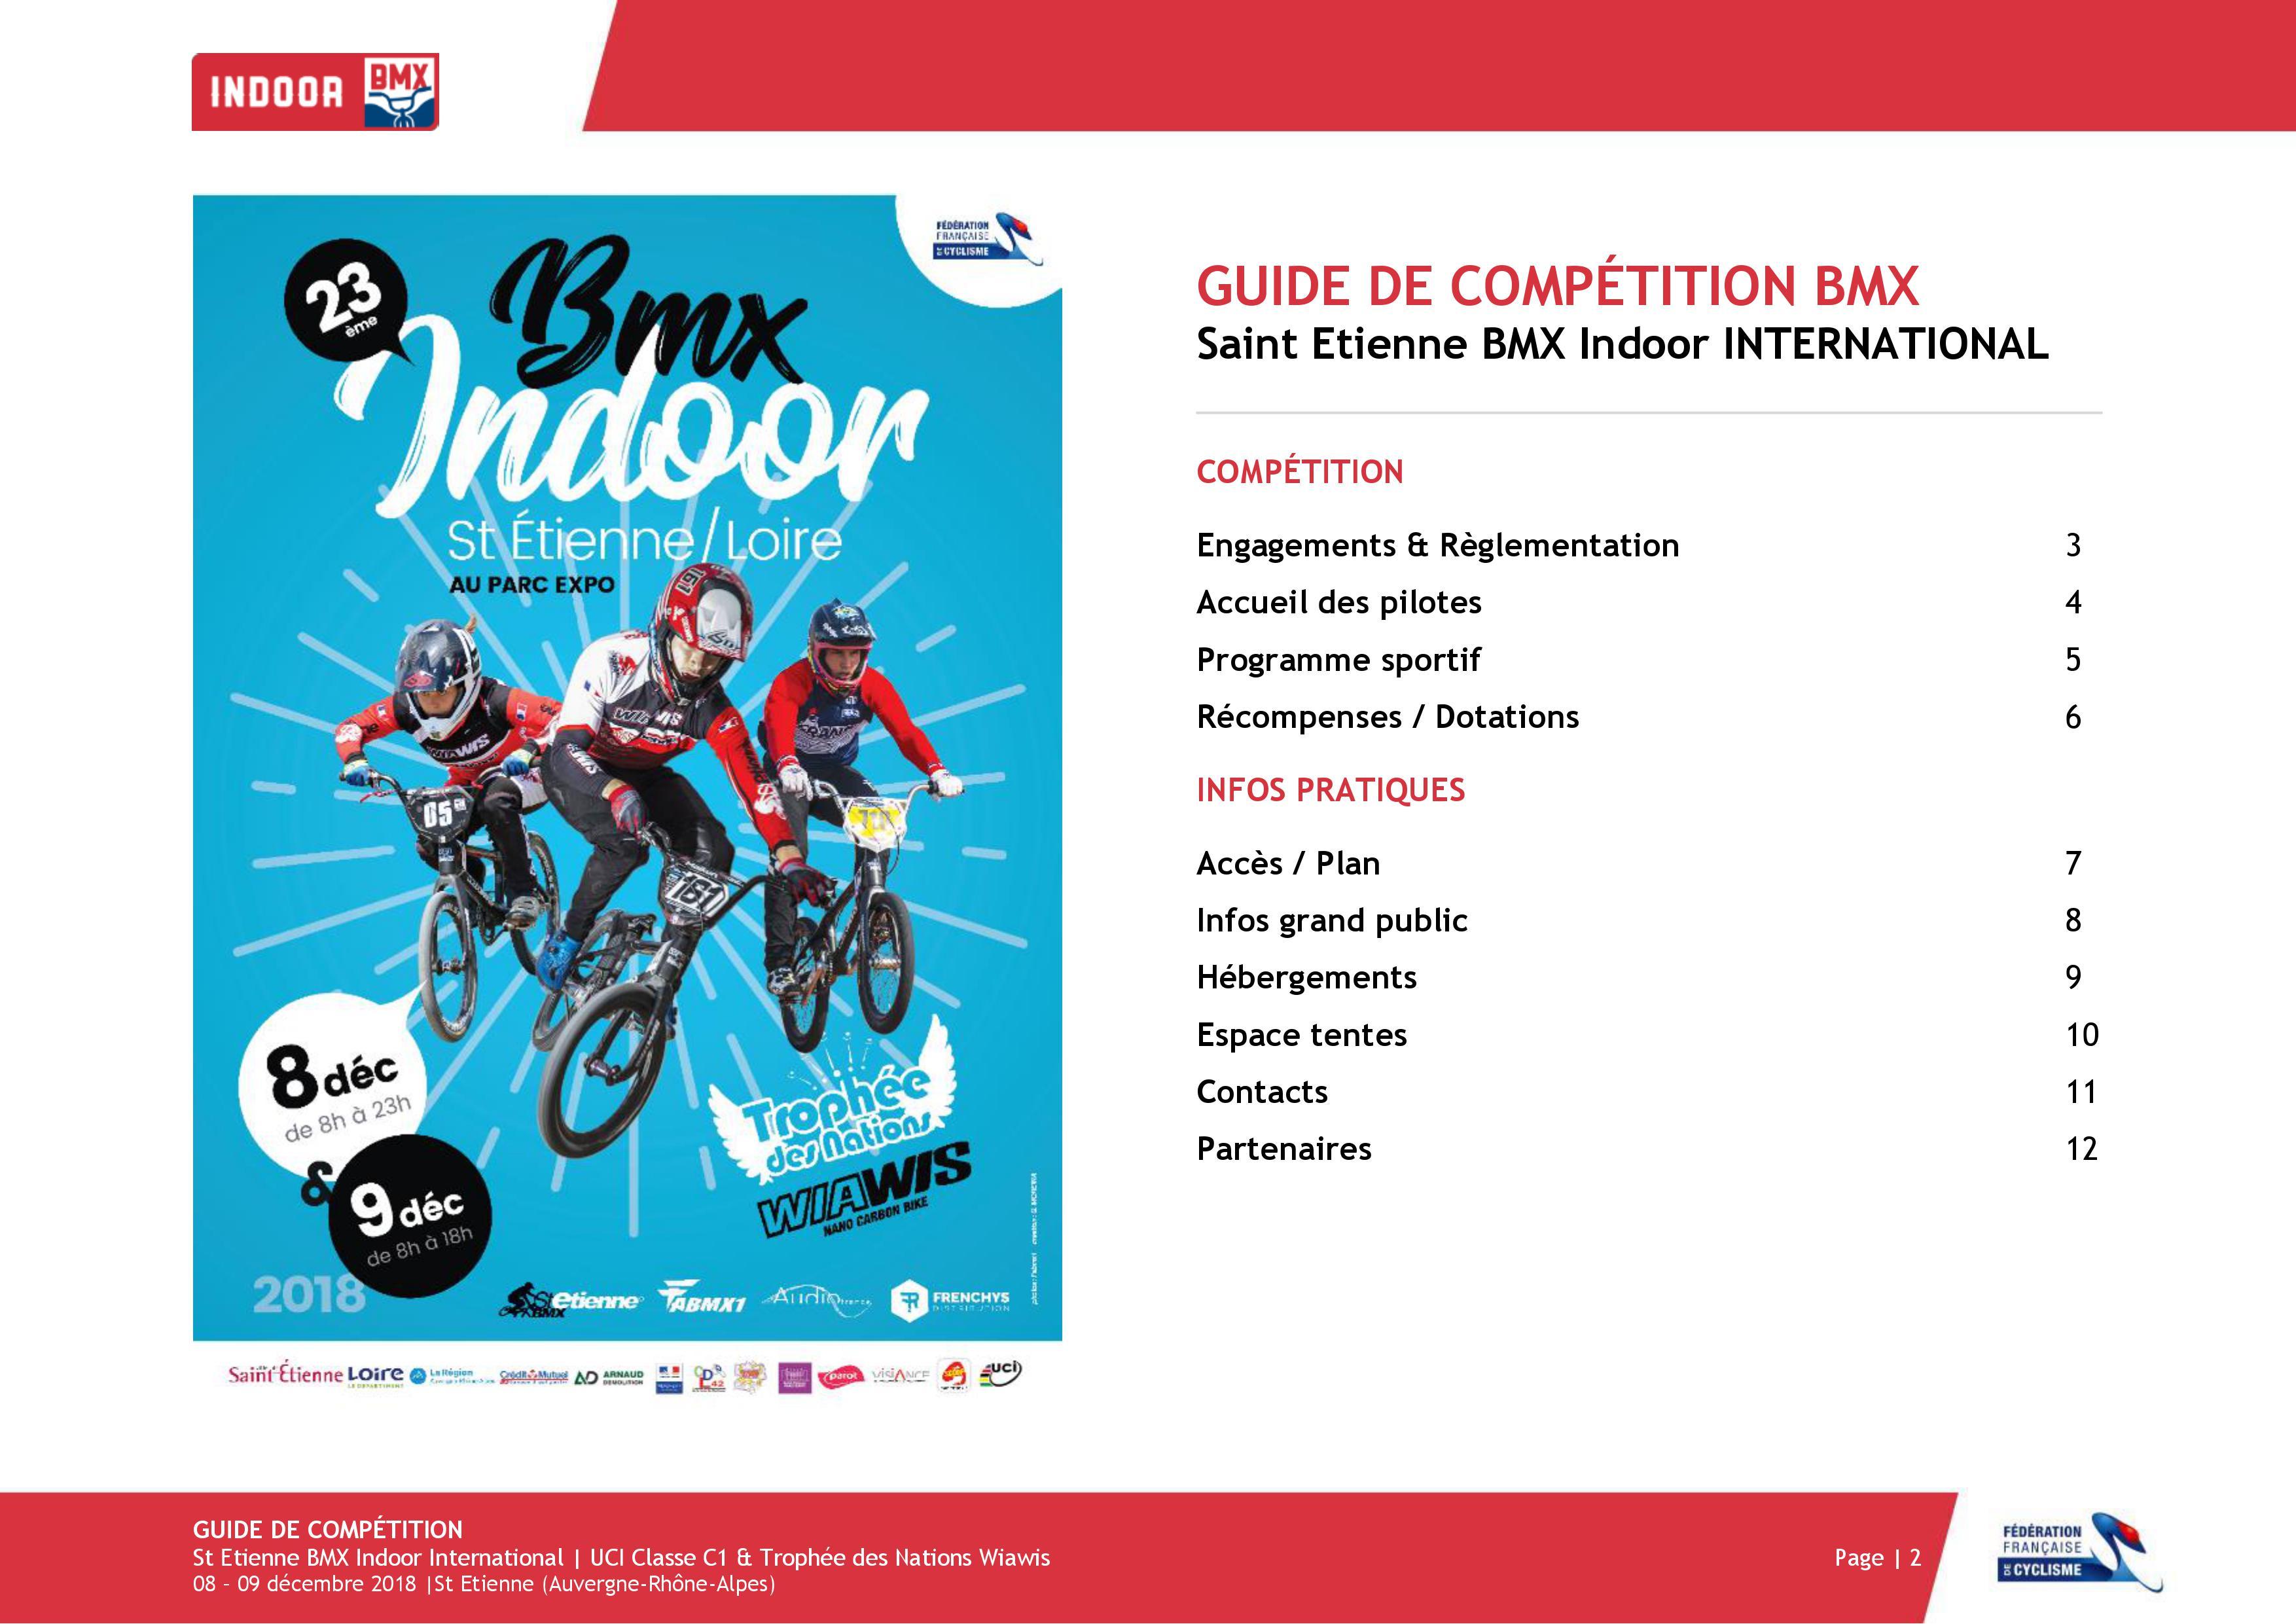 Guide de compétition Indoor Saint Etienne BMX 2018